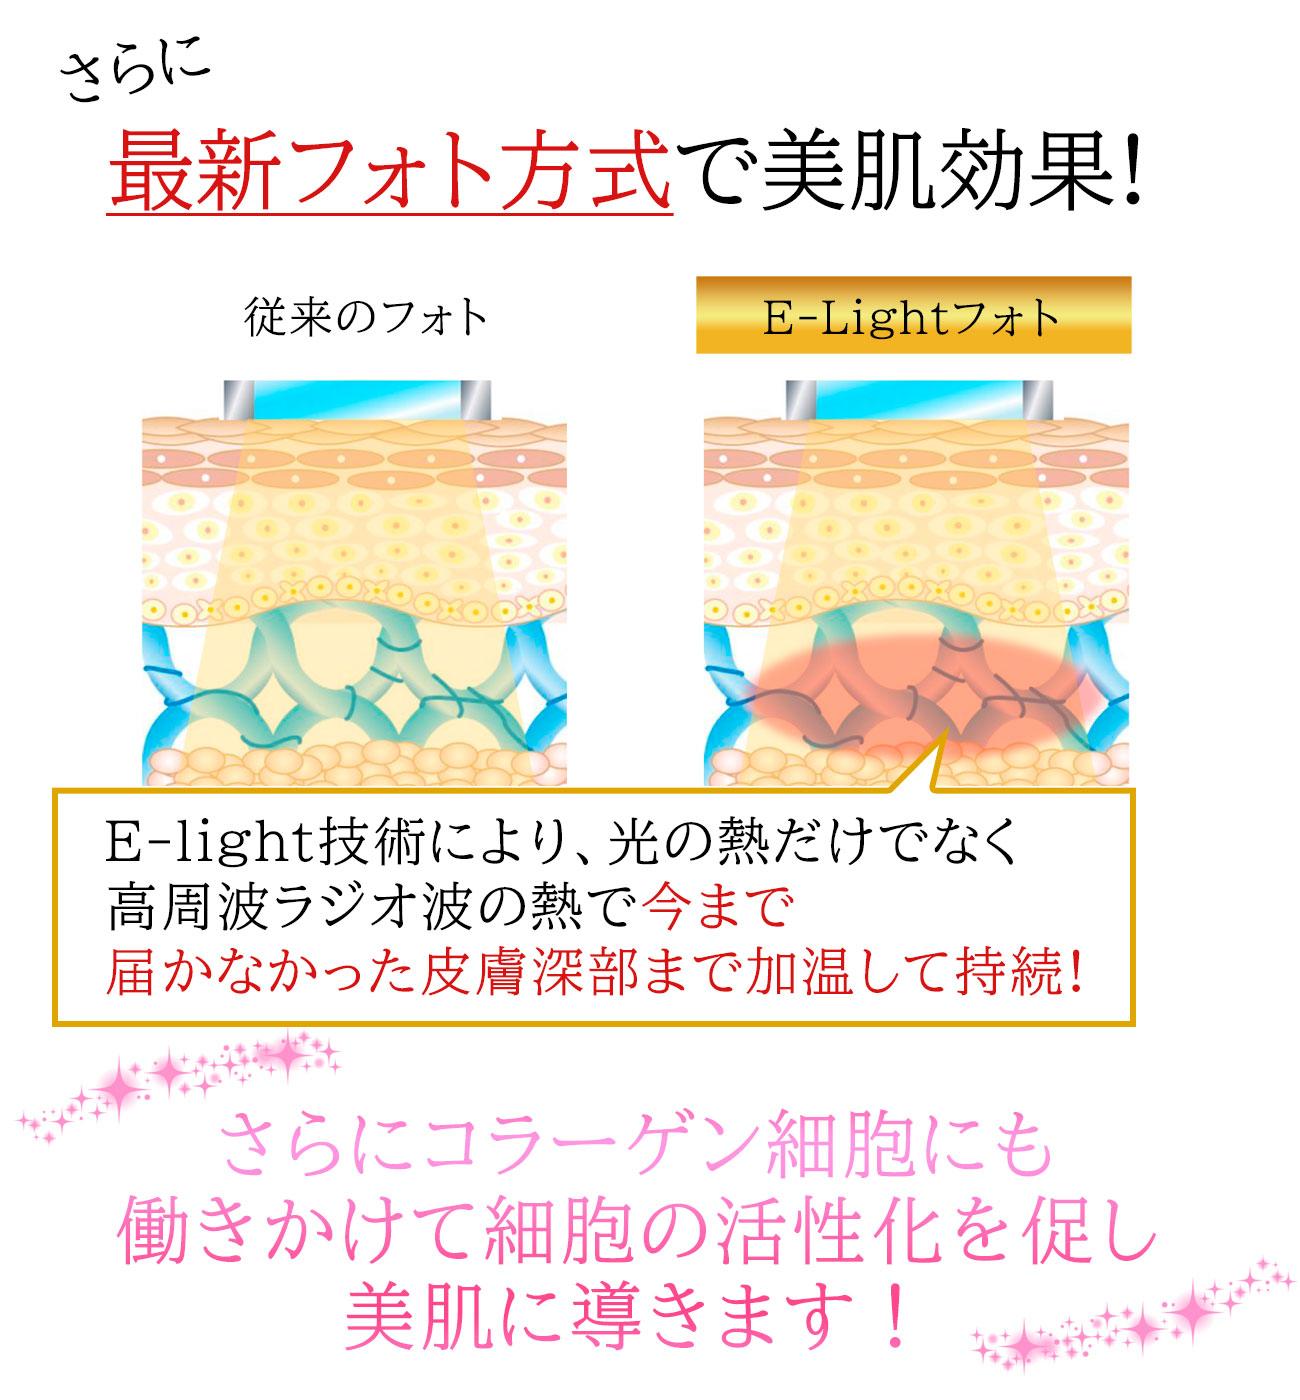 E-lightフォト方式